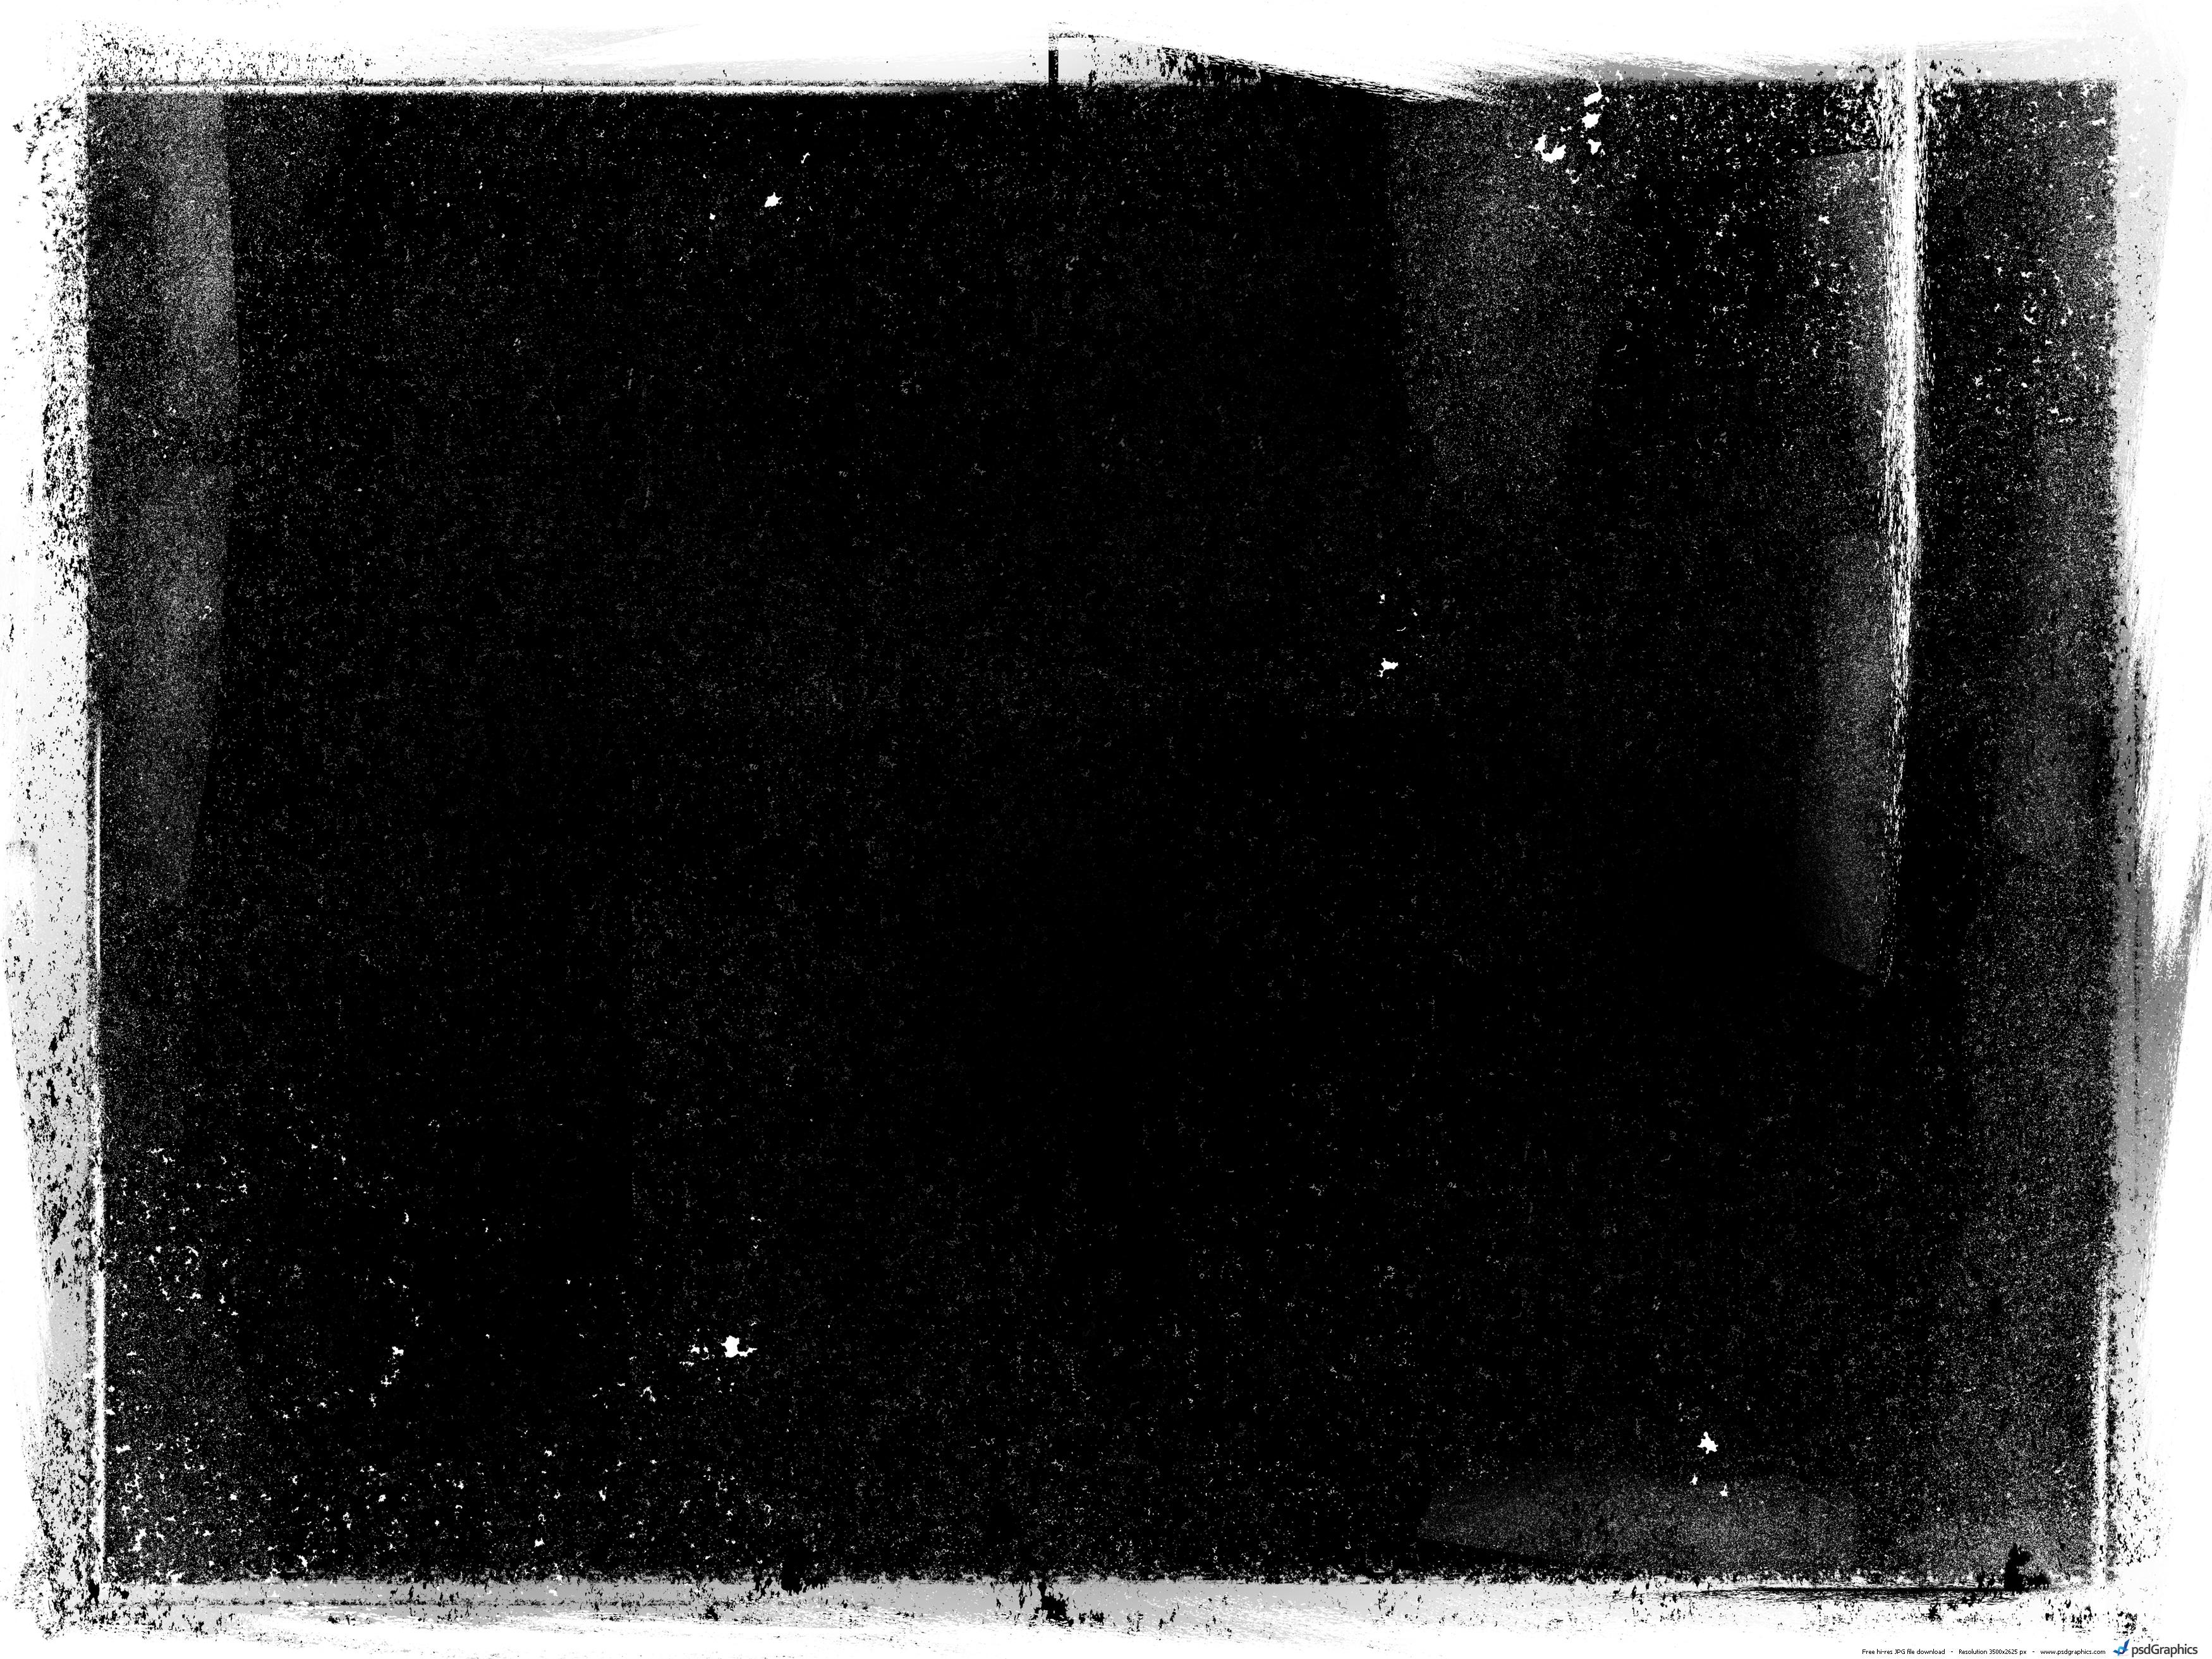 Black Grunge 3500x2625